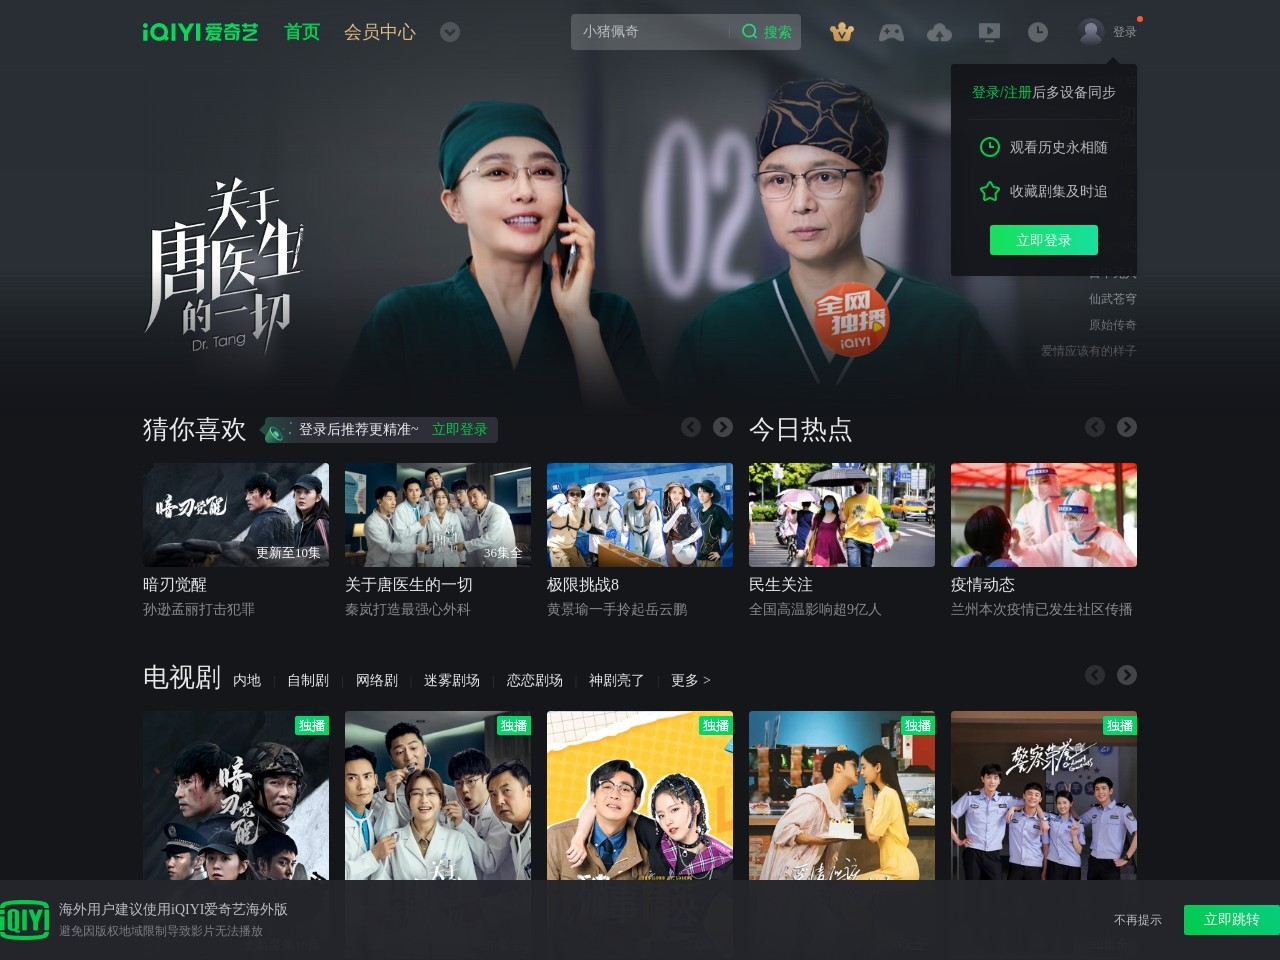 www.iqiyi.com的网站截图